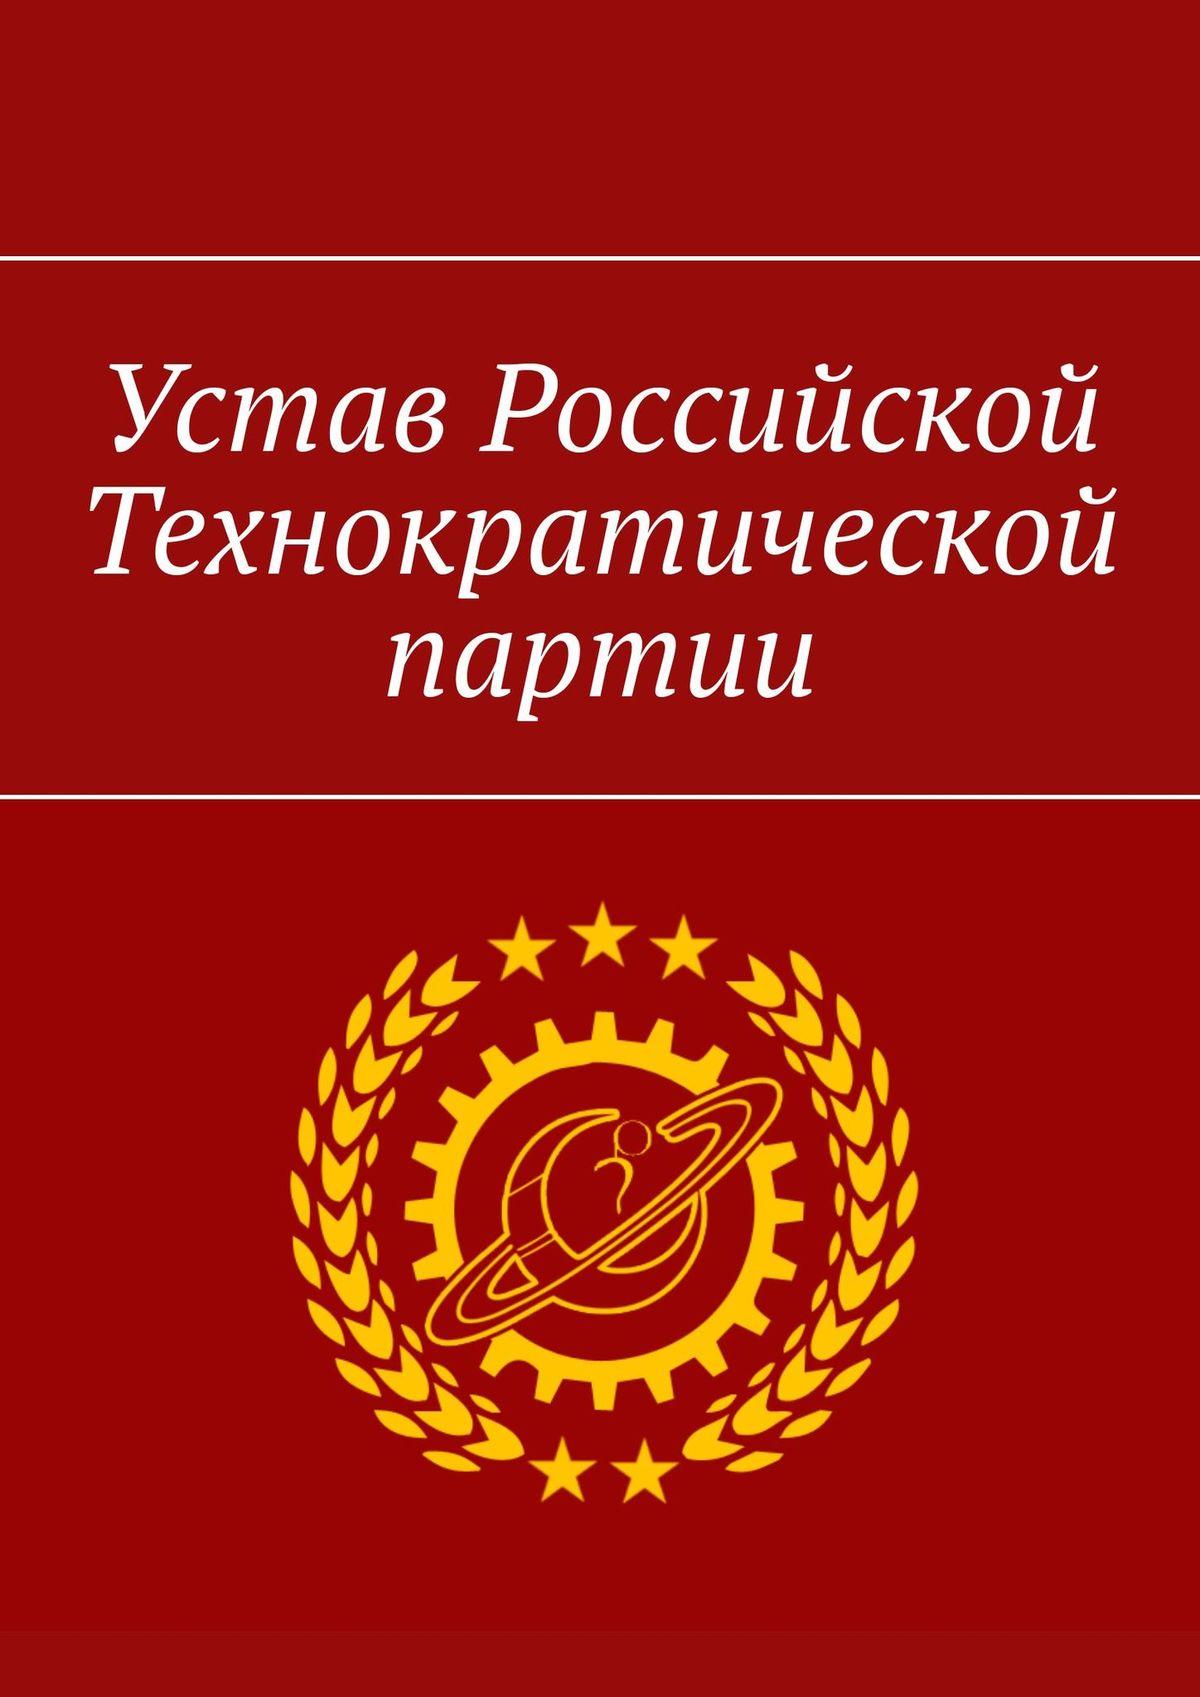 Устав Российской технократической партии